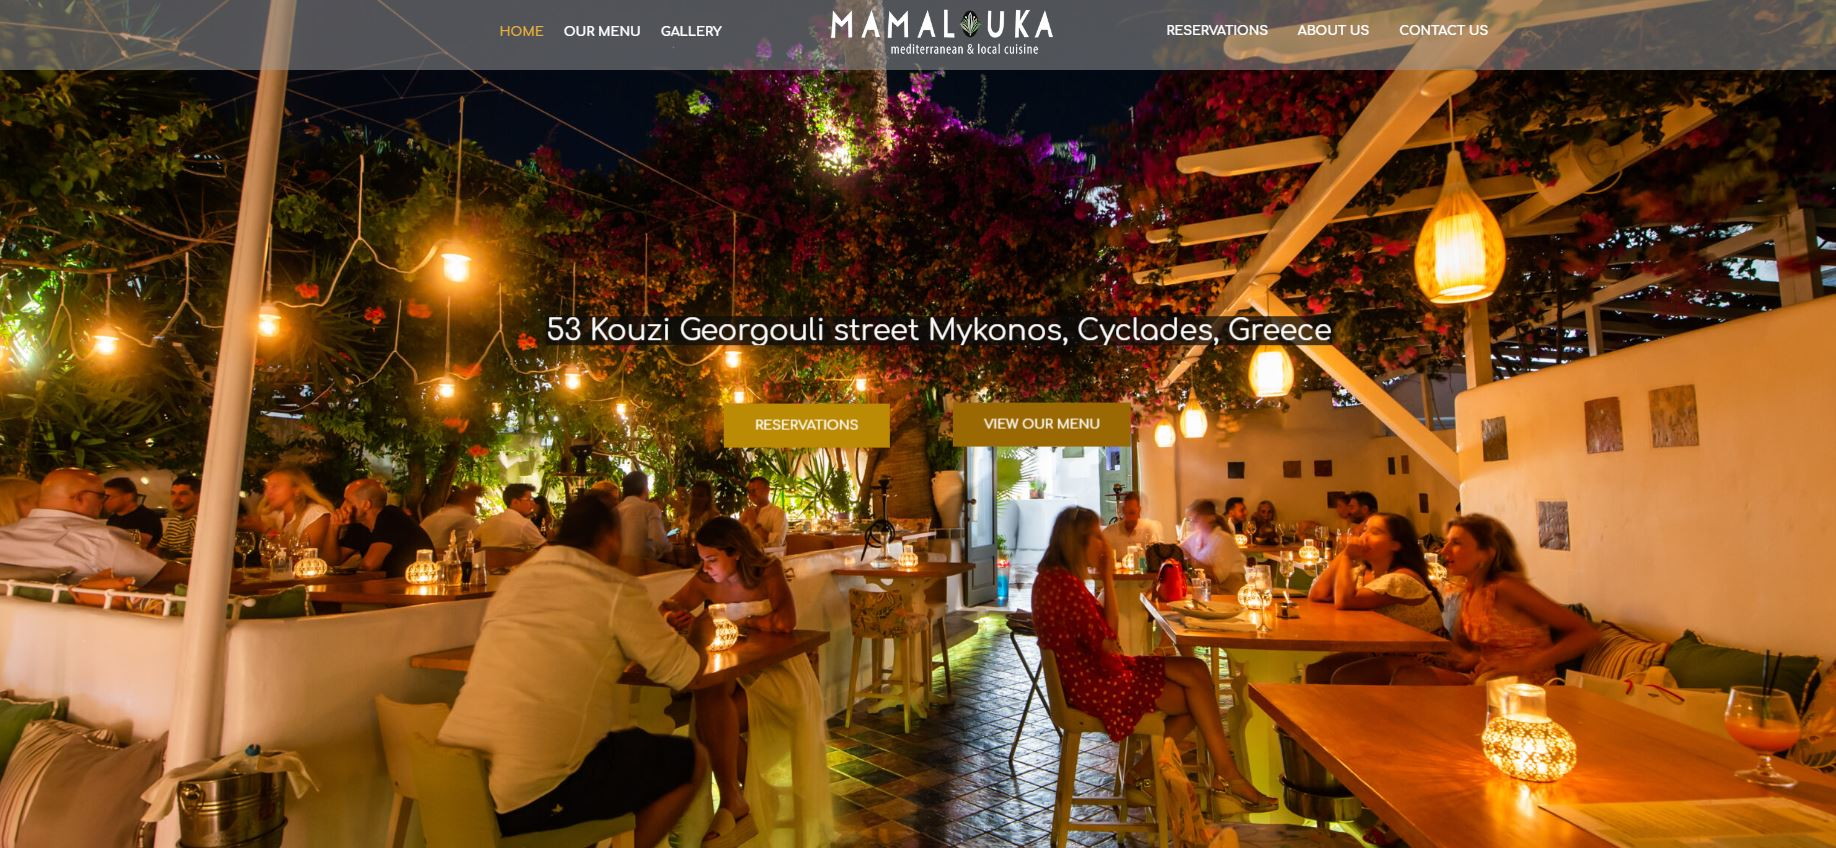 mamalouka-mykonos